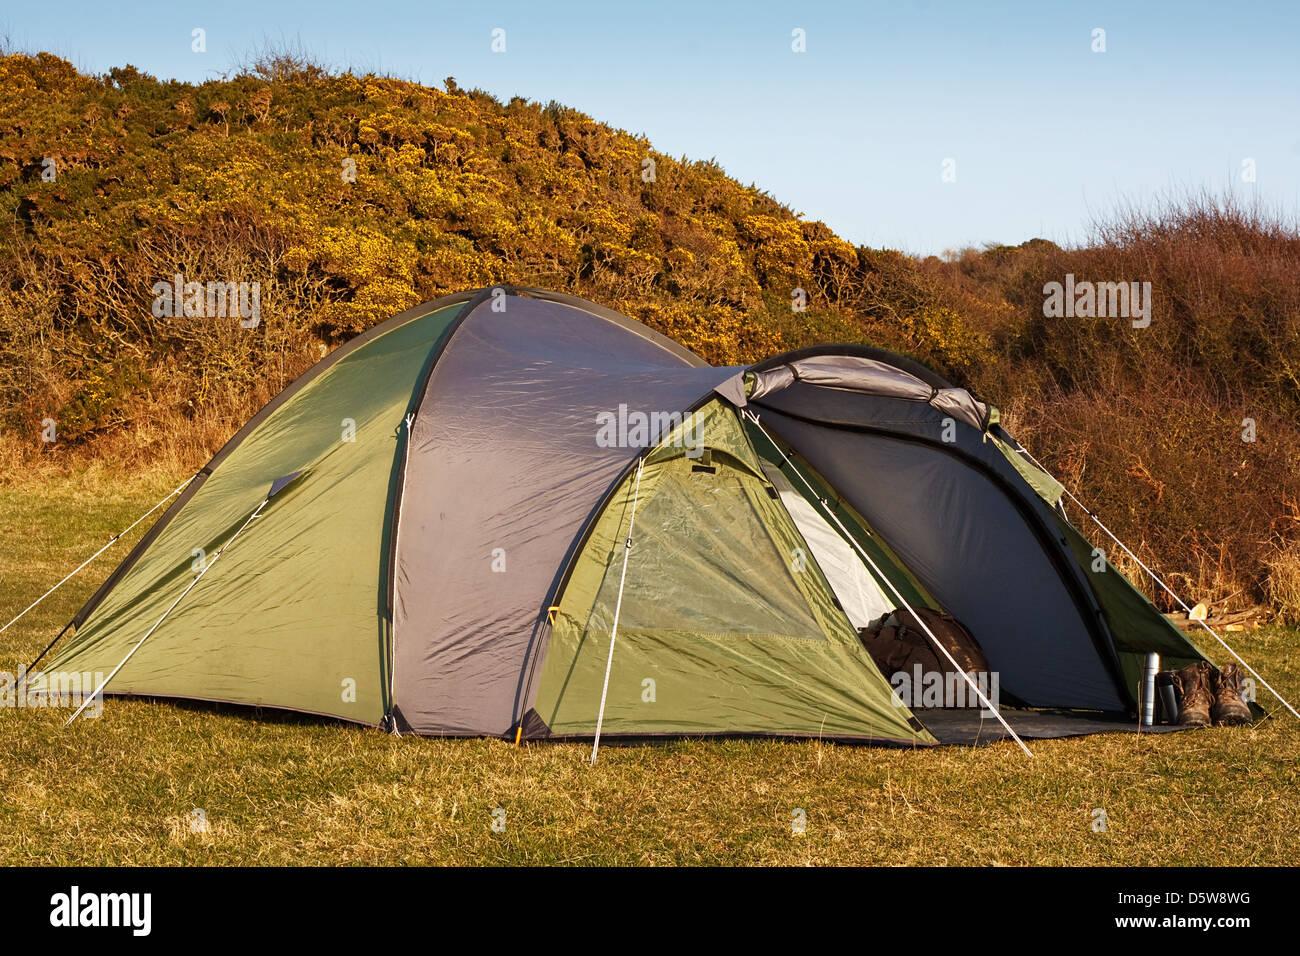 Tenda a cupola si accamparono nel campo per il campeggio selvaggio in grandi spazi aperti con sportello anteriore Immagini Stock